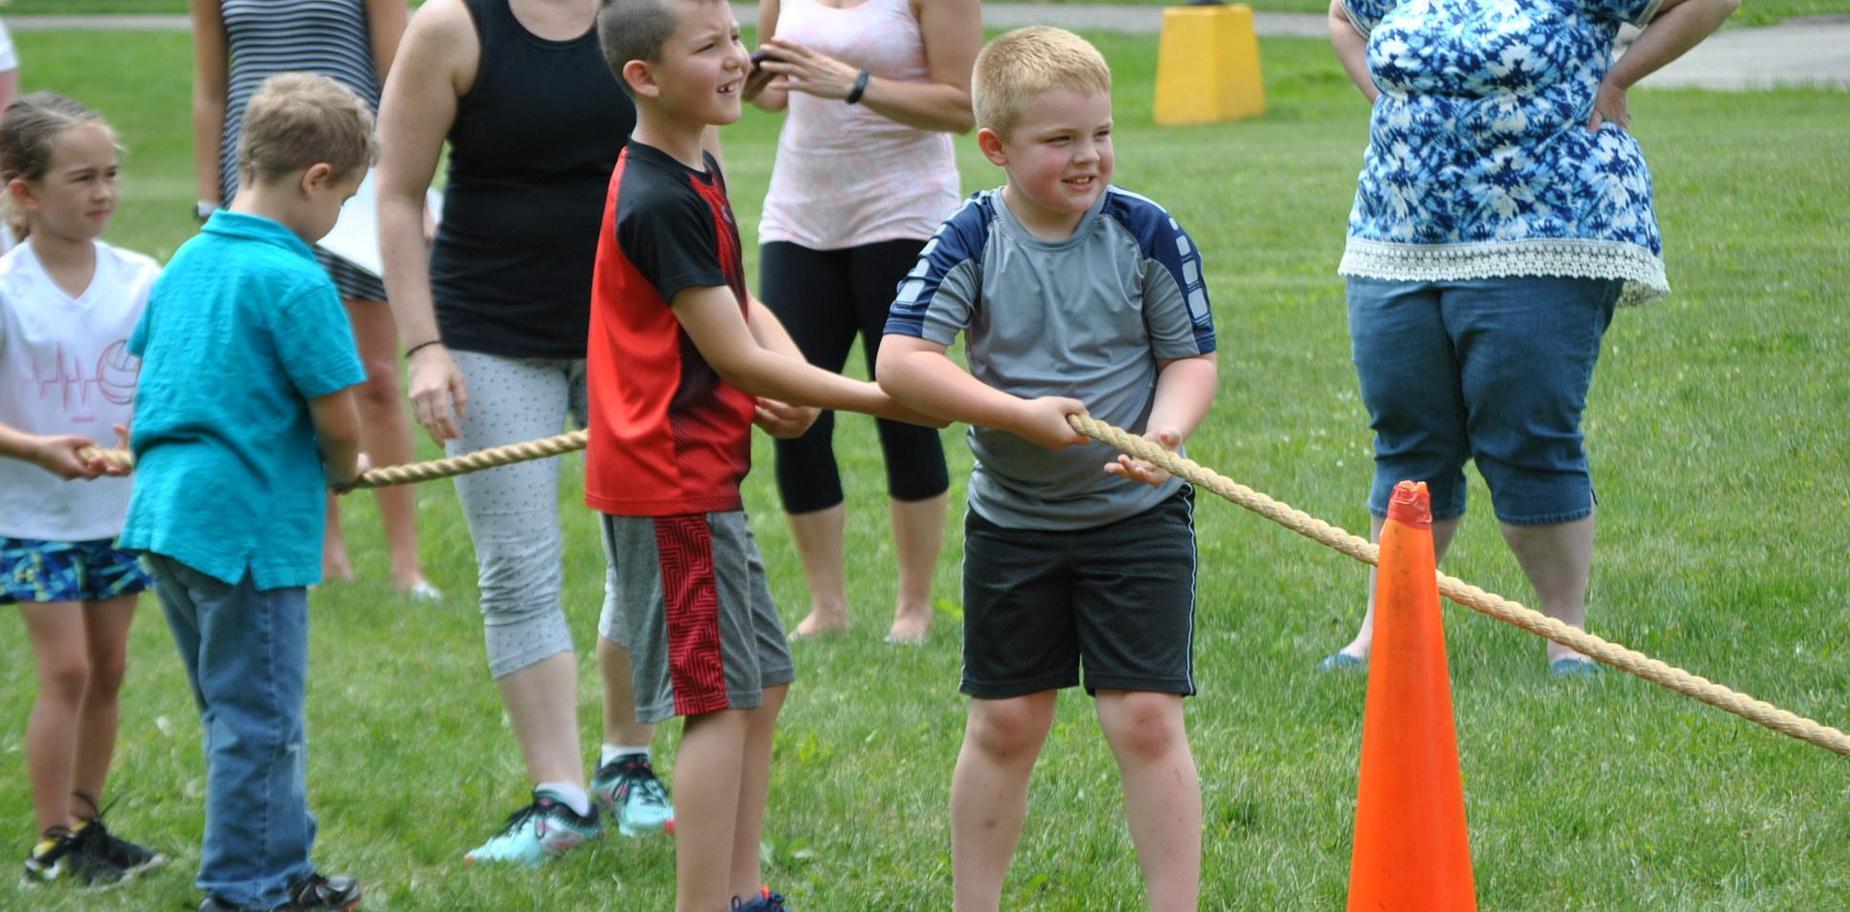 kids  playing tug-of-war